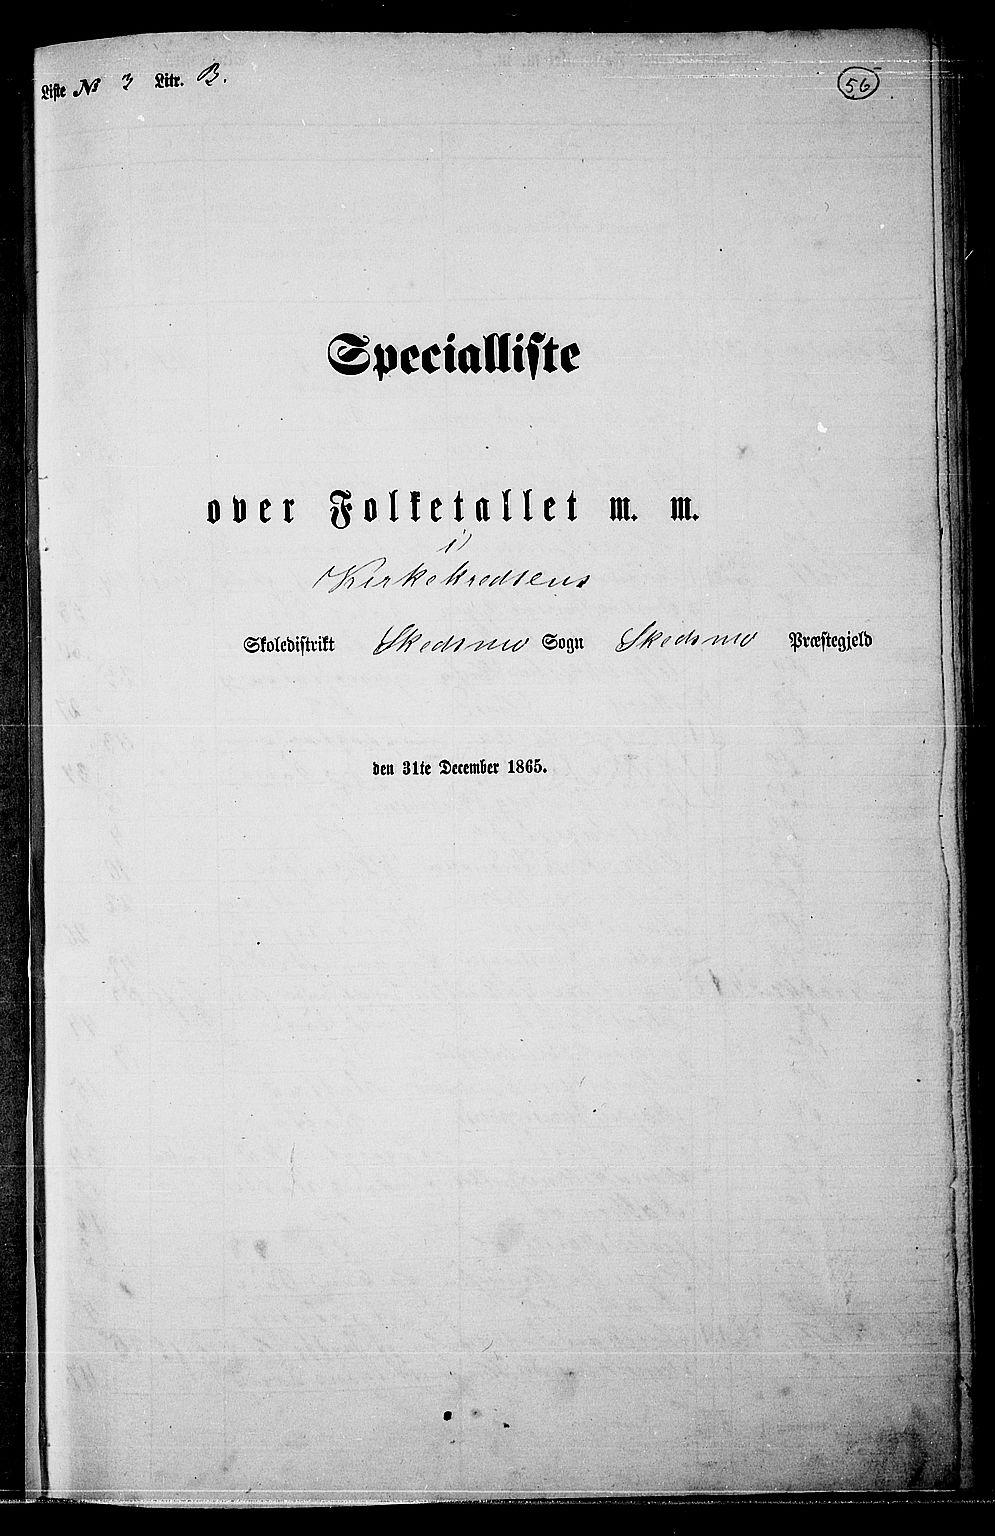 RA, Folketelling 1865 for 0231P Skedsmo prestegjeld, 1865, s. 52